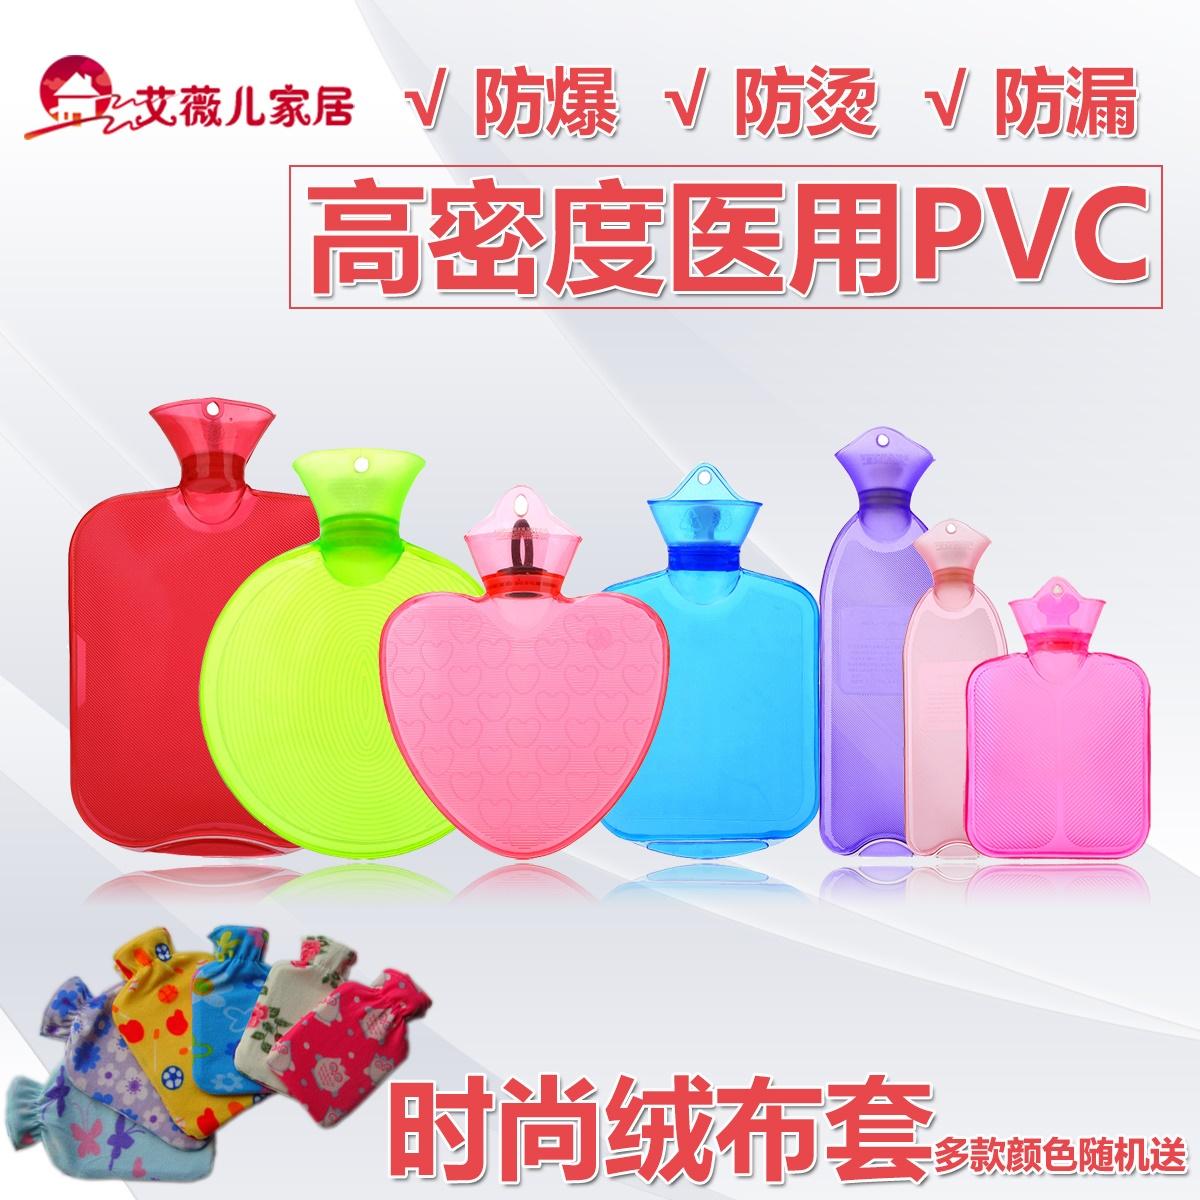 高密度PVC冲注水热水袋充水暖水袋防爆防漏安全宝宝暖肚送绒布套